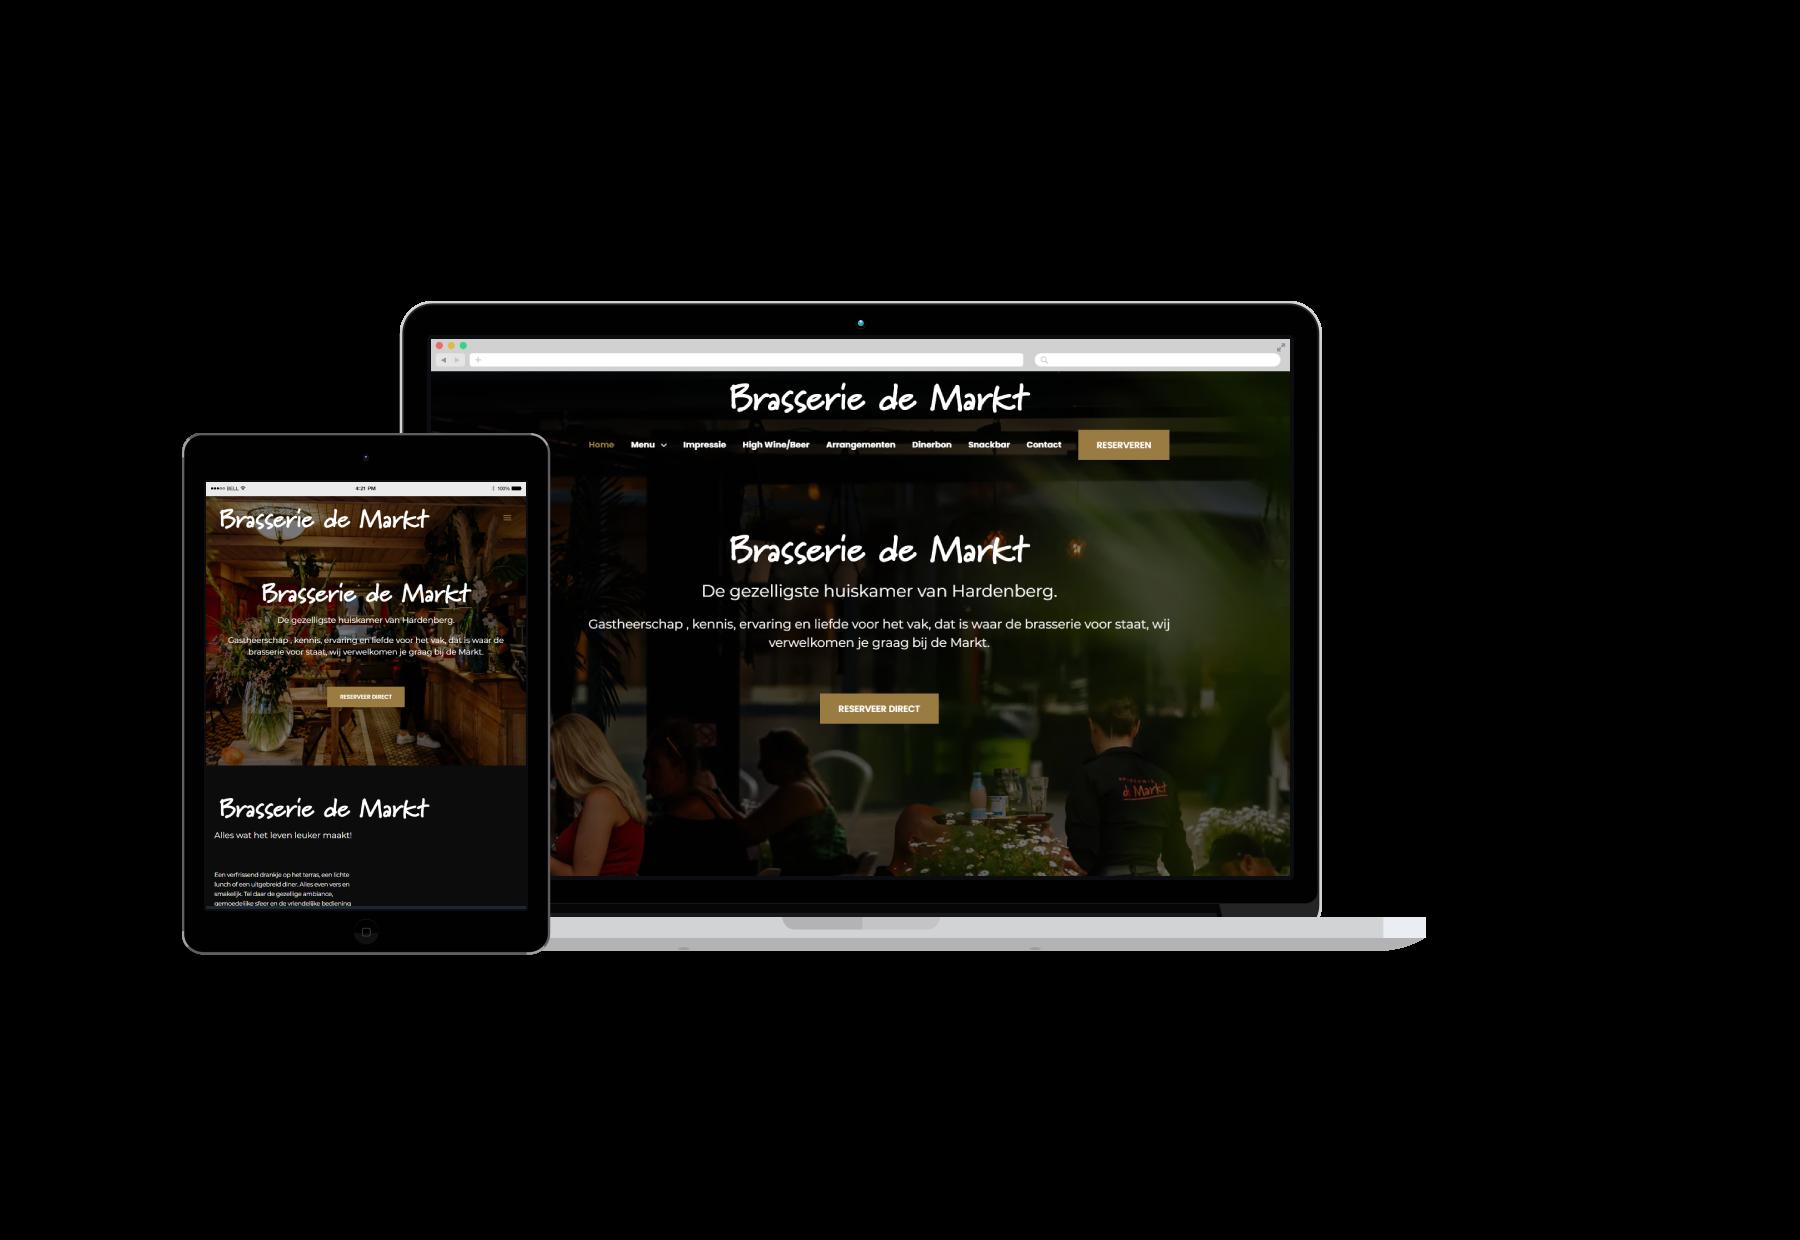 Brasseriedemarkt portfolio